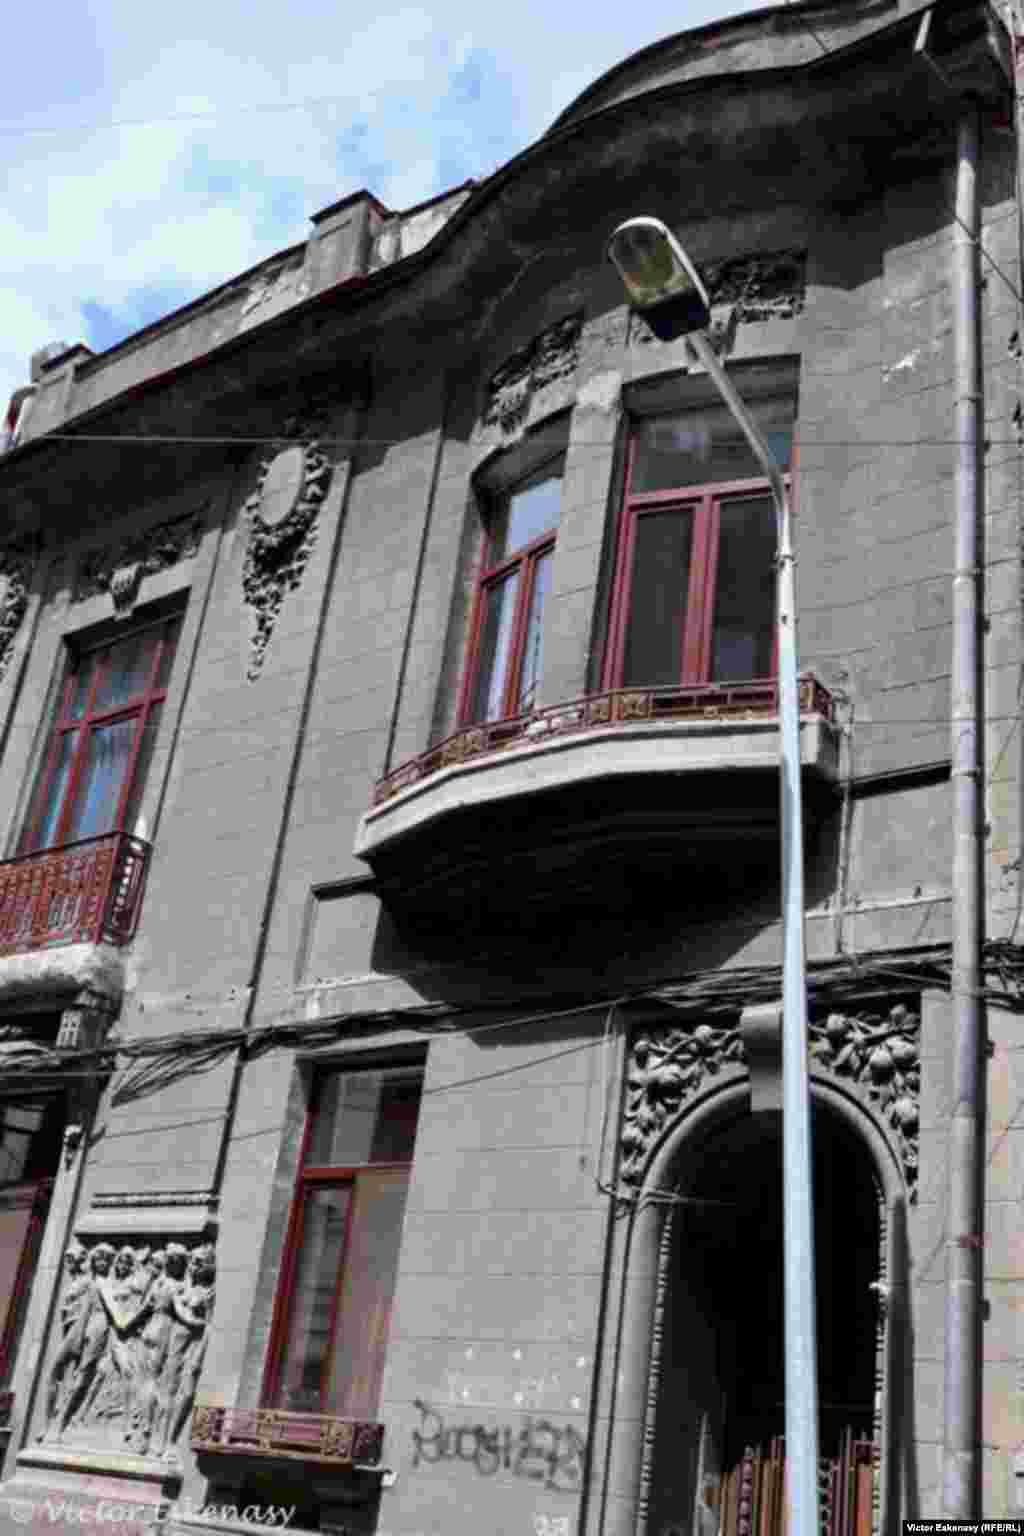 Clădire cu ornamentație Art Noveau pe Str. Sfinților, zona Colțea, București